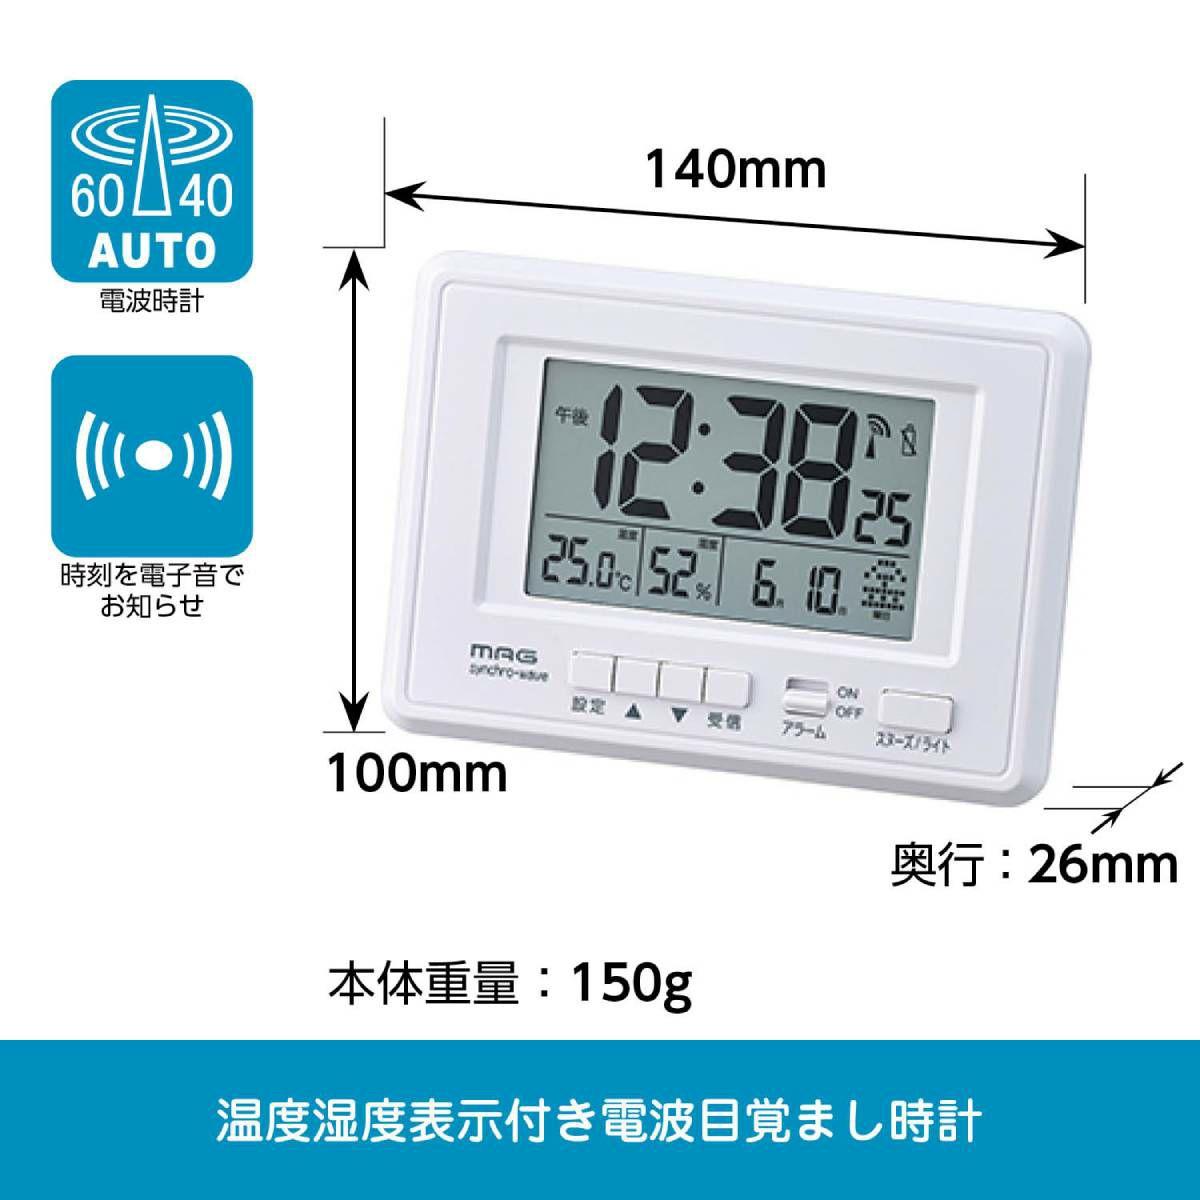 ≪メーカー直販≫ MAG(マグ) デジタル 電波時計 置時計 目覚まし時計 温度計 湿度計 カレンダー ケプラーT-693 ホワイト 1台